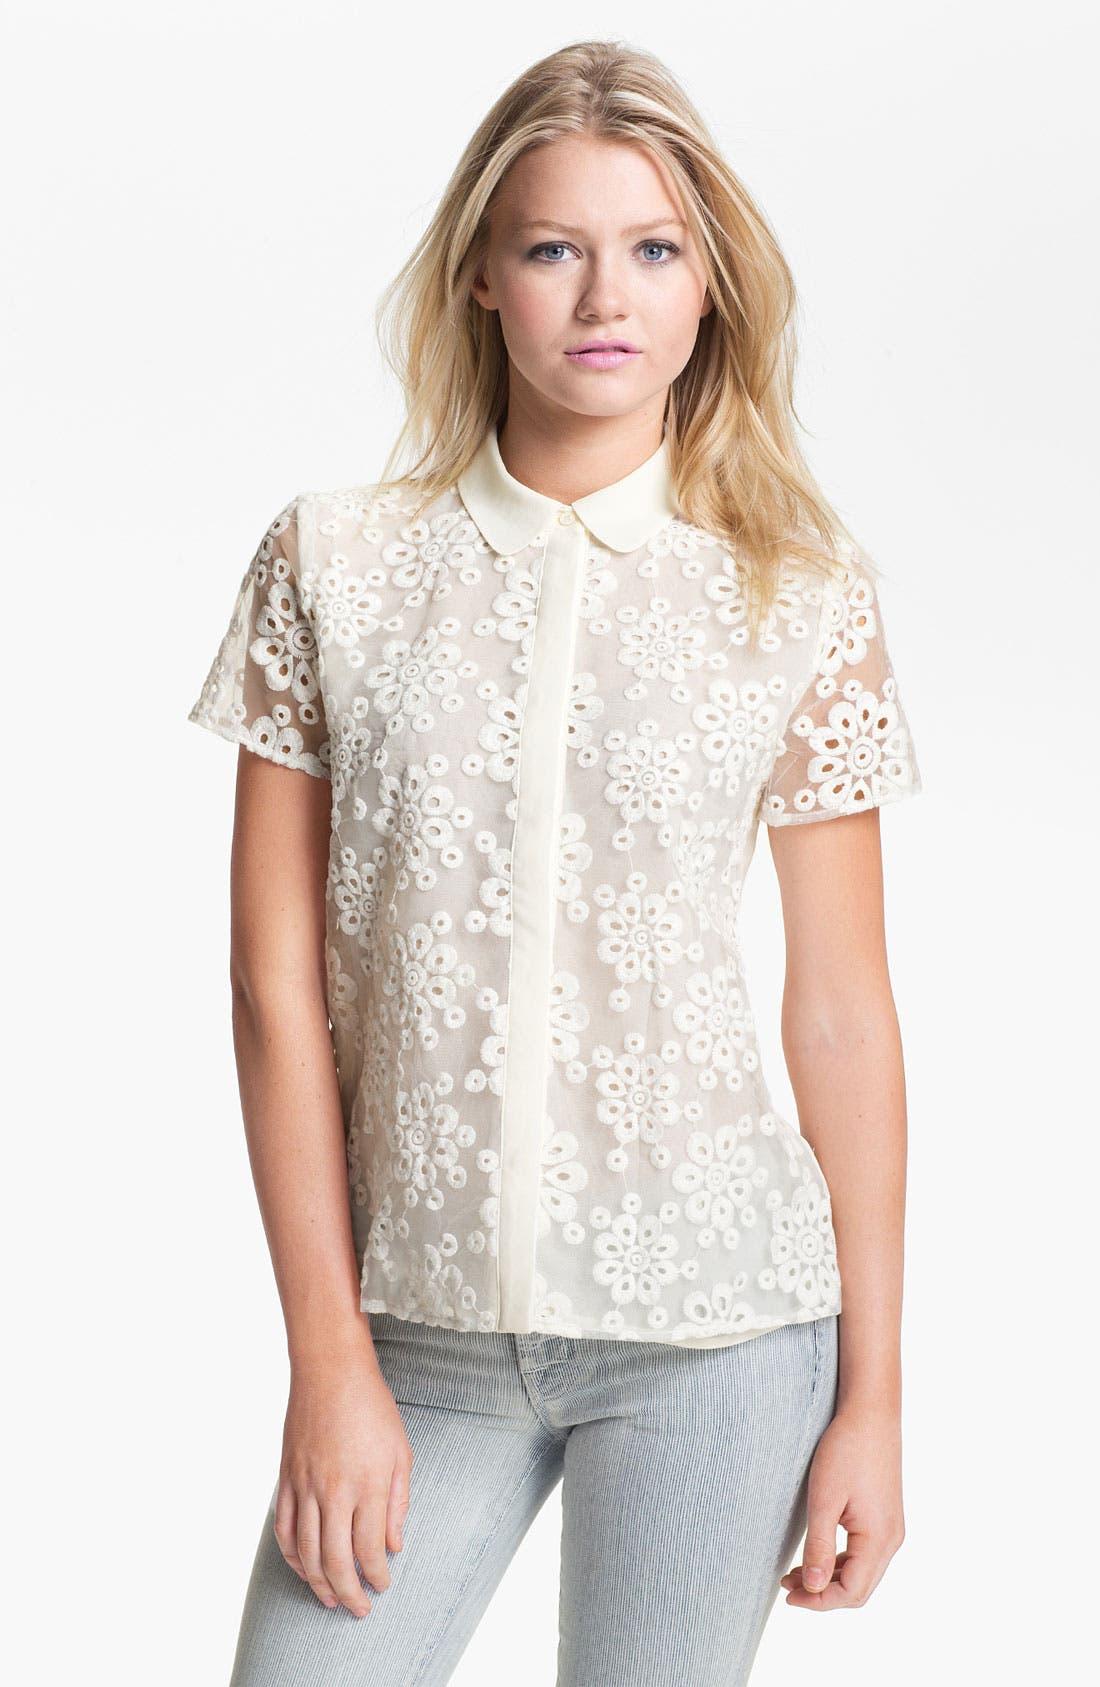 Main Image - Collective Concepts Eyelet Shirt